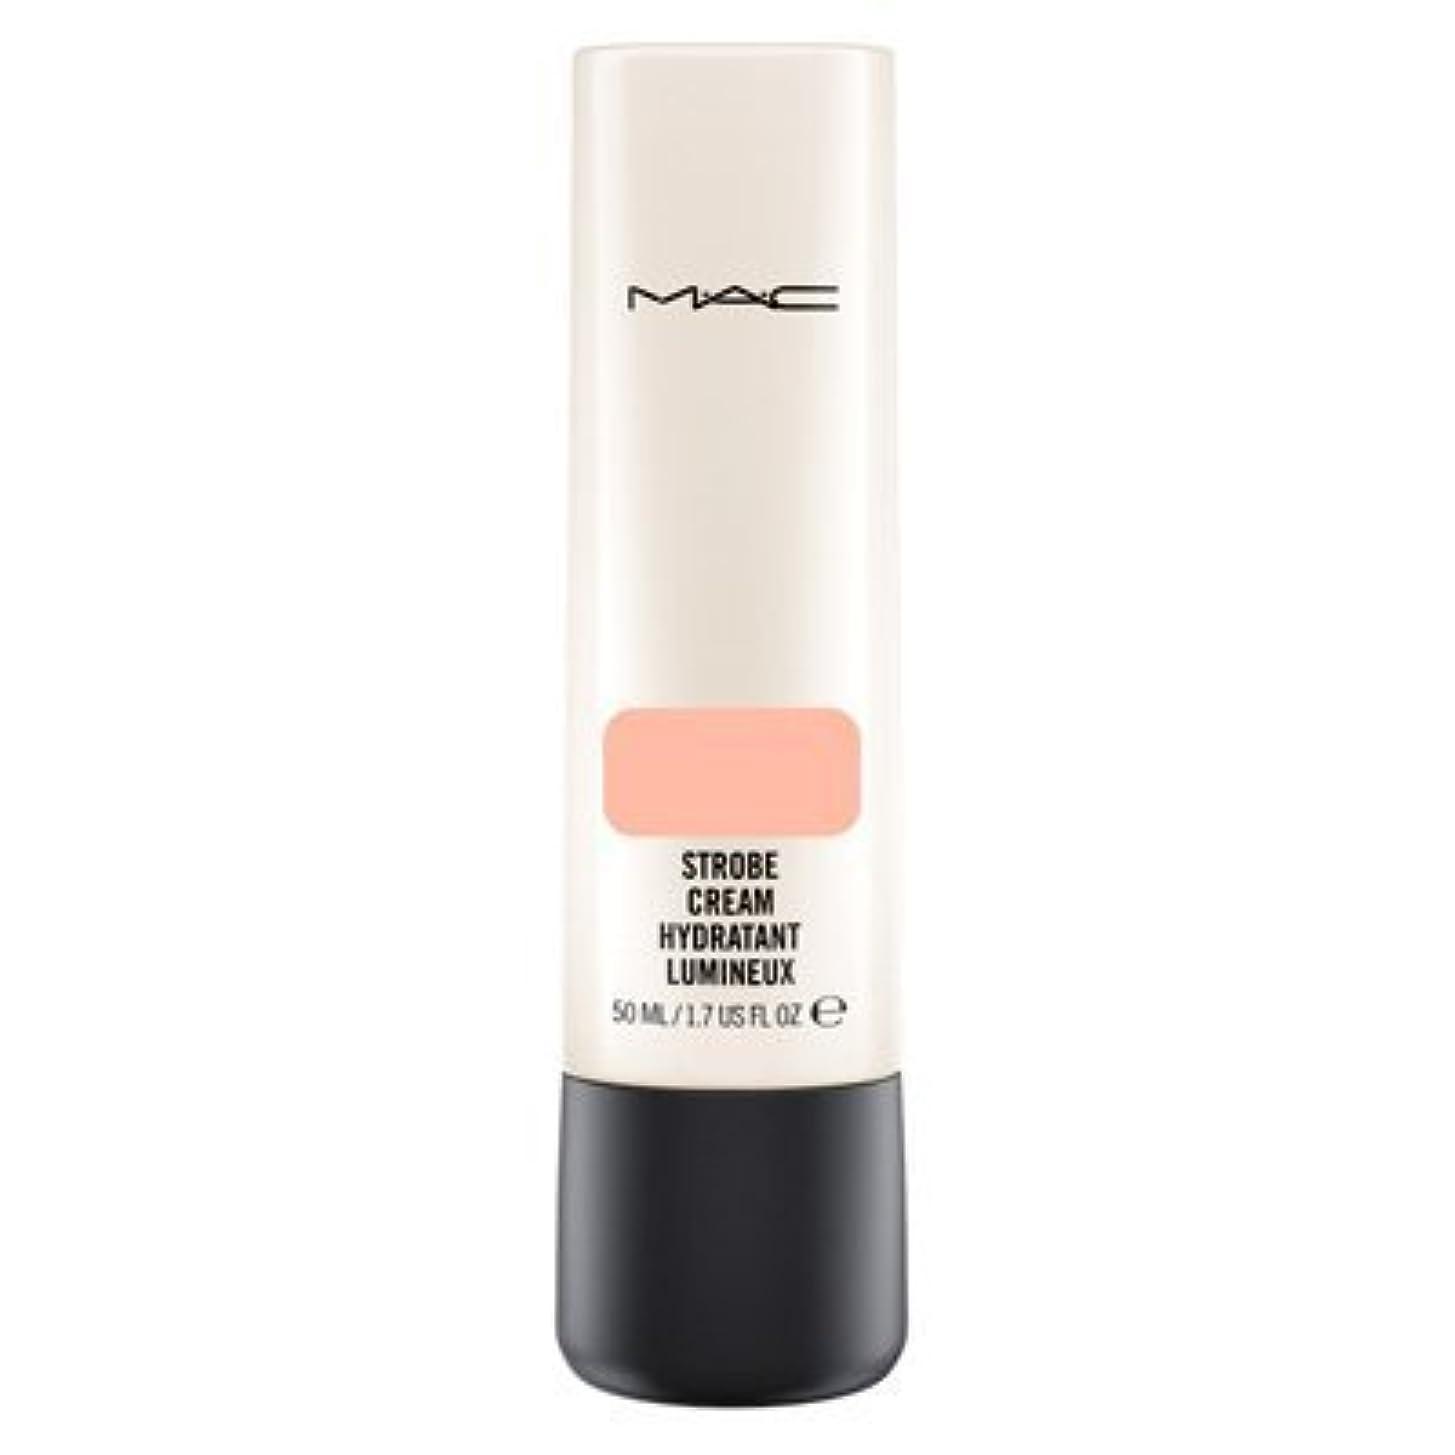 共同選択症候群埋め込むMAC (マック) ストロボ クリーム ピーチ ライト/Peach Light 50ml [並行輸入品]